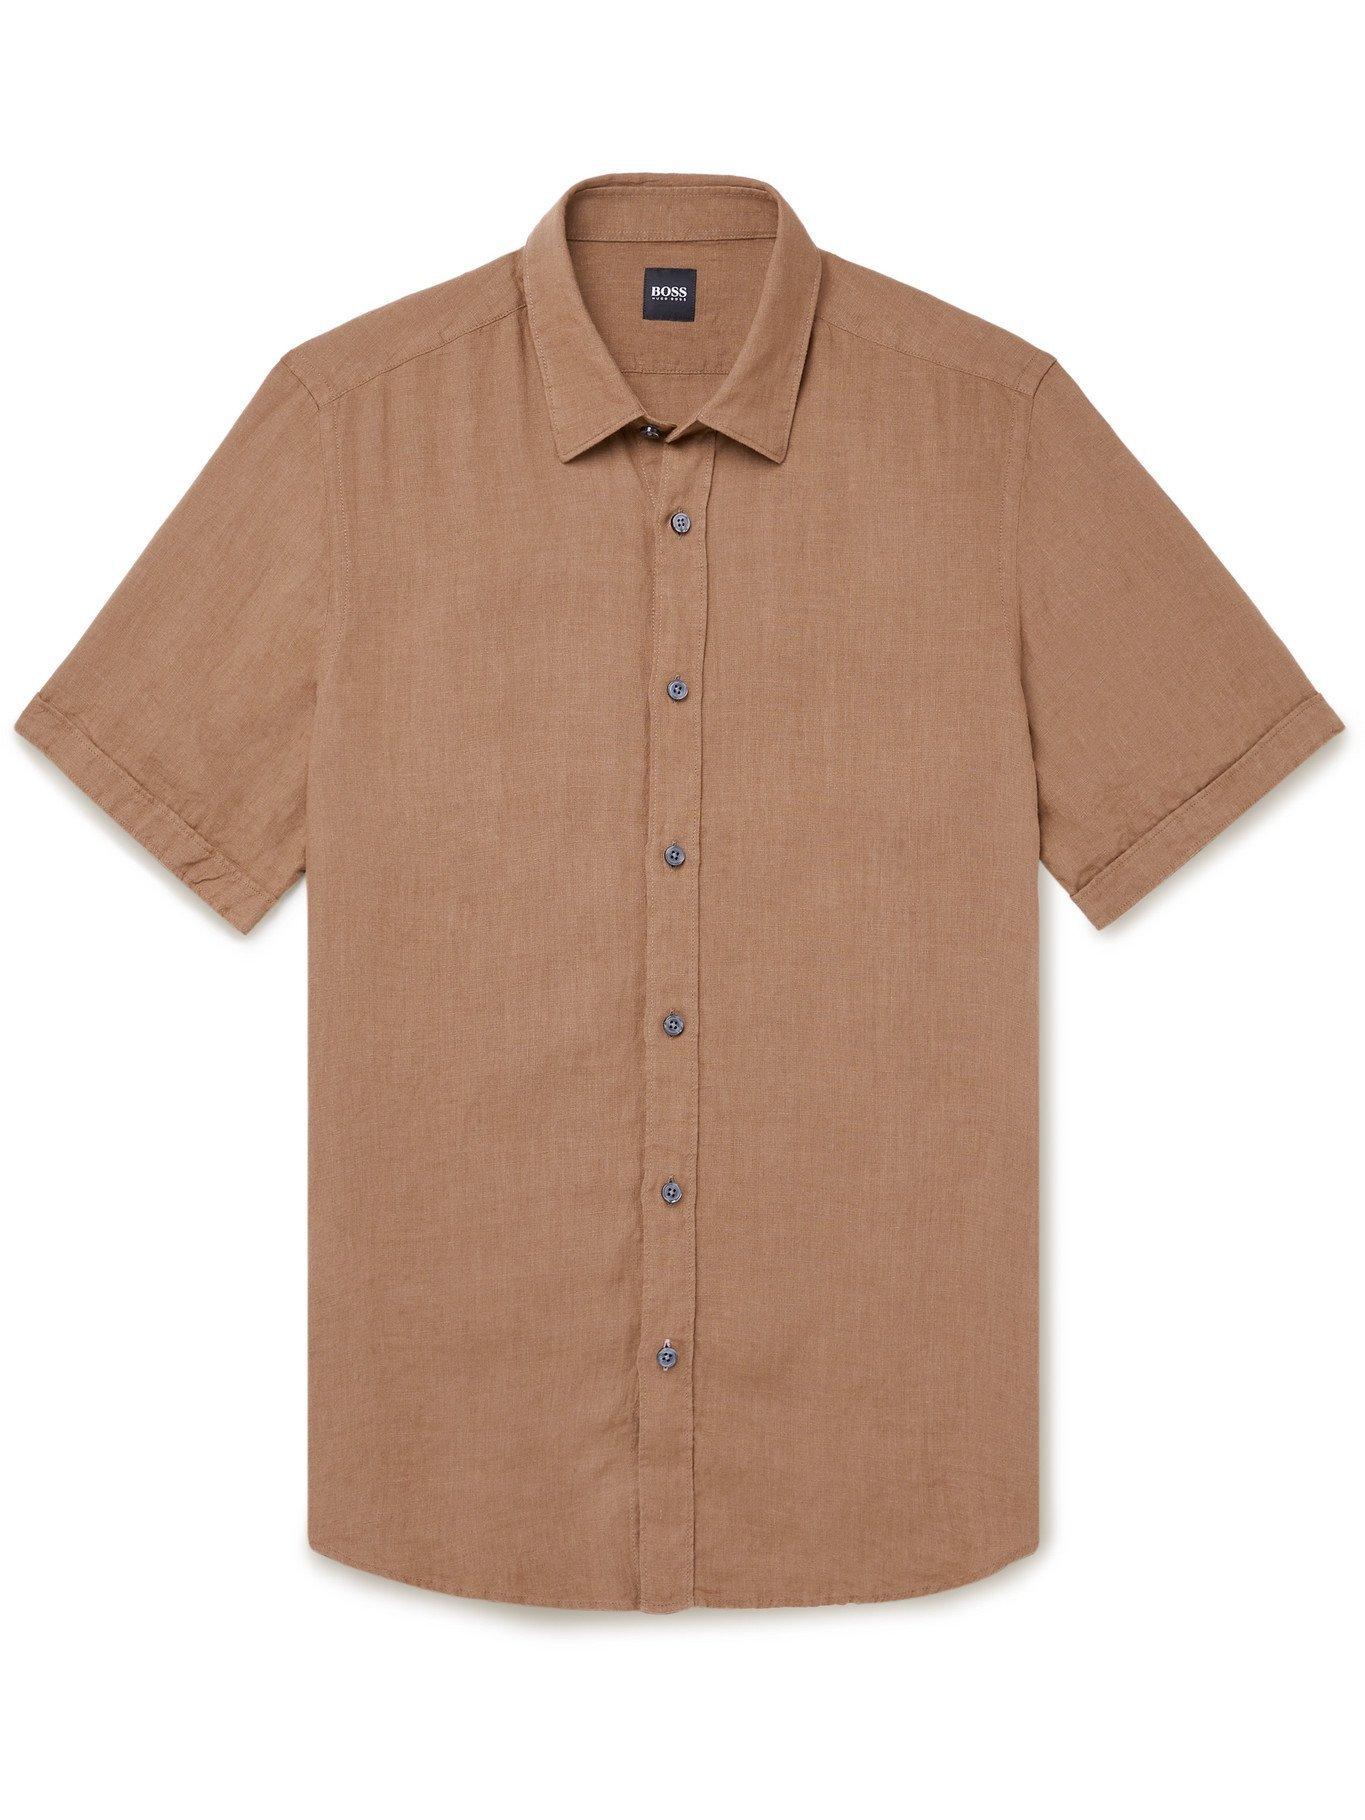 HUGO BOSS - Linen Shirt - Neutrals